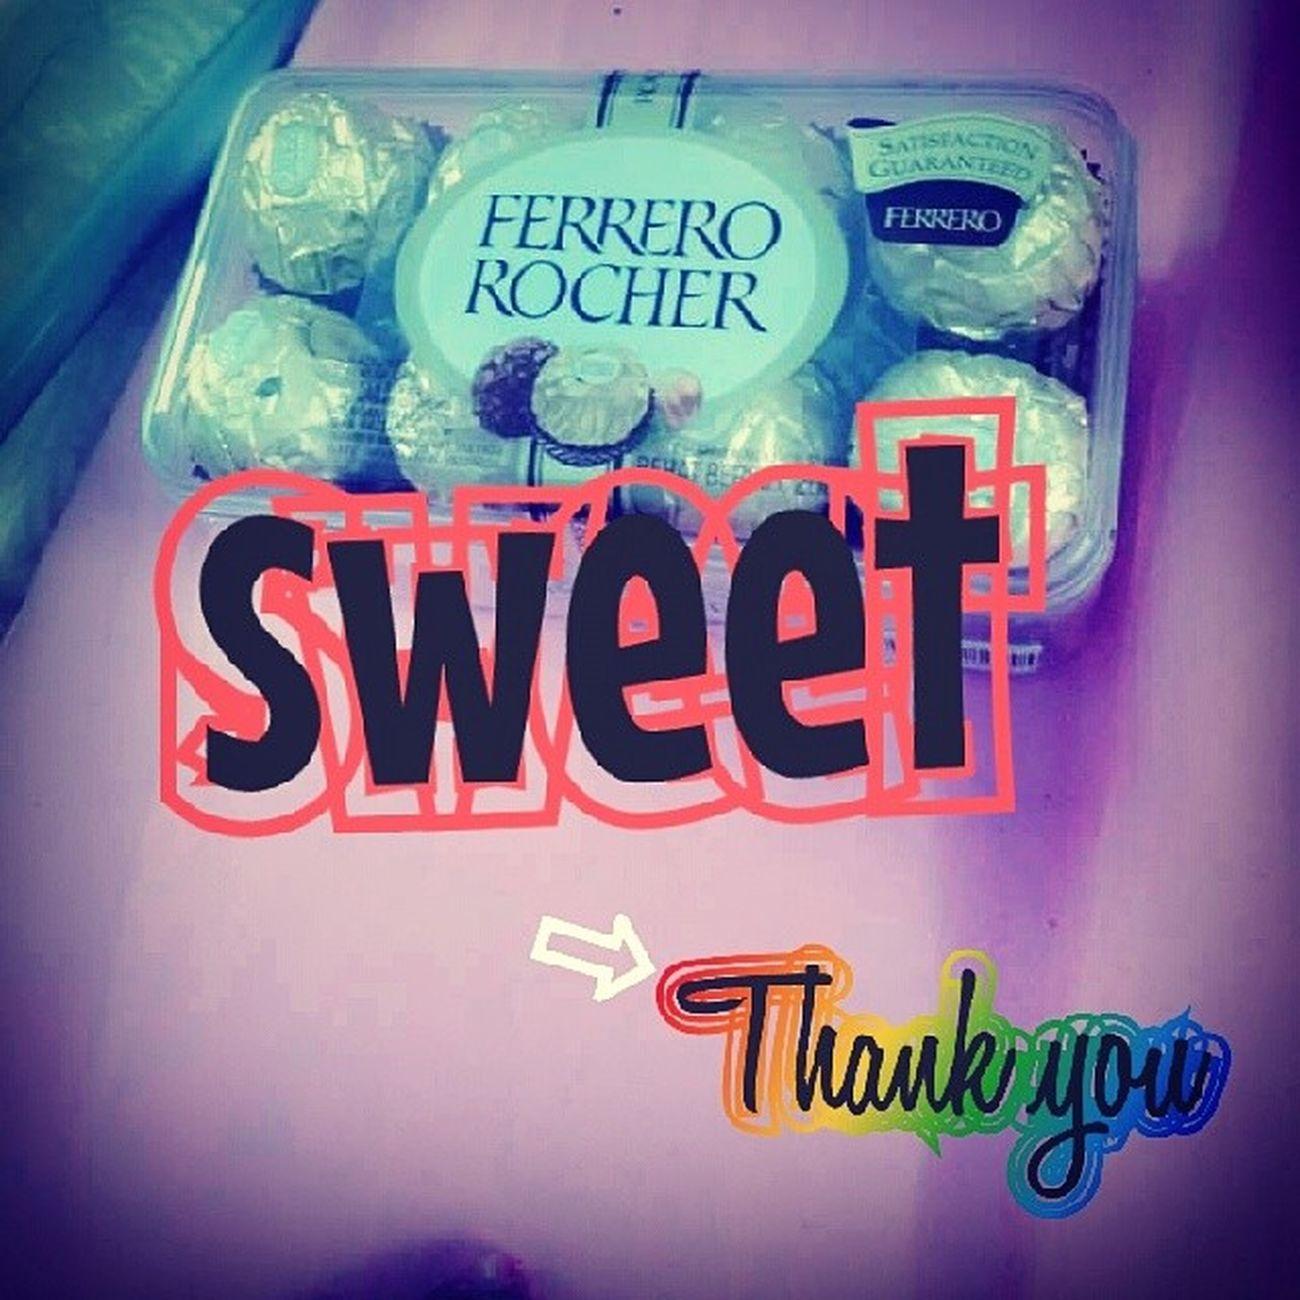 sweet takk hikssssss ⇨FERRERO ROCHER⇦ FUYOOOOOOO THNKK YOUU HAHHAHA SYHIDAX Bff LOVEFENDSHIPP